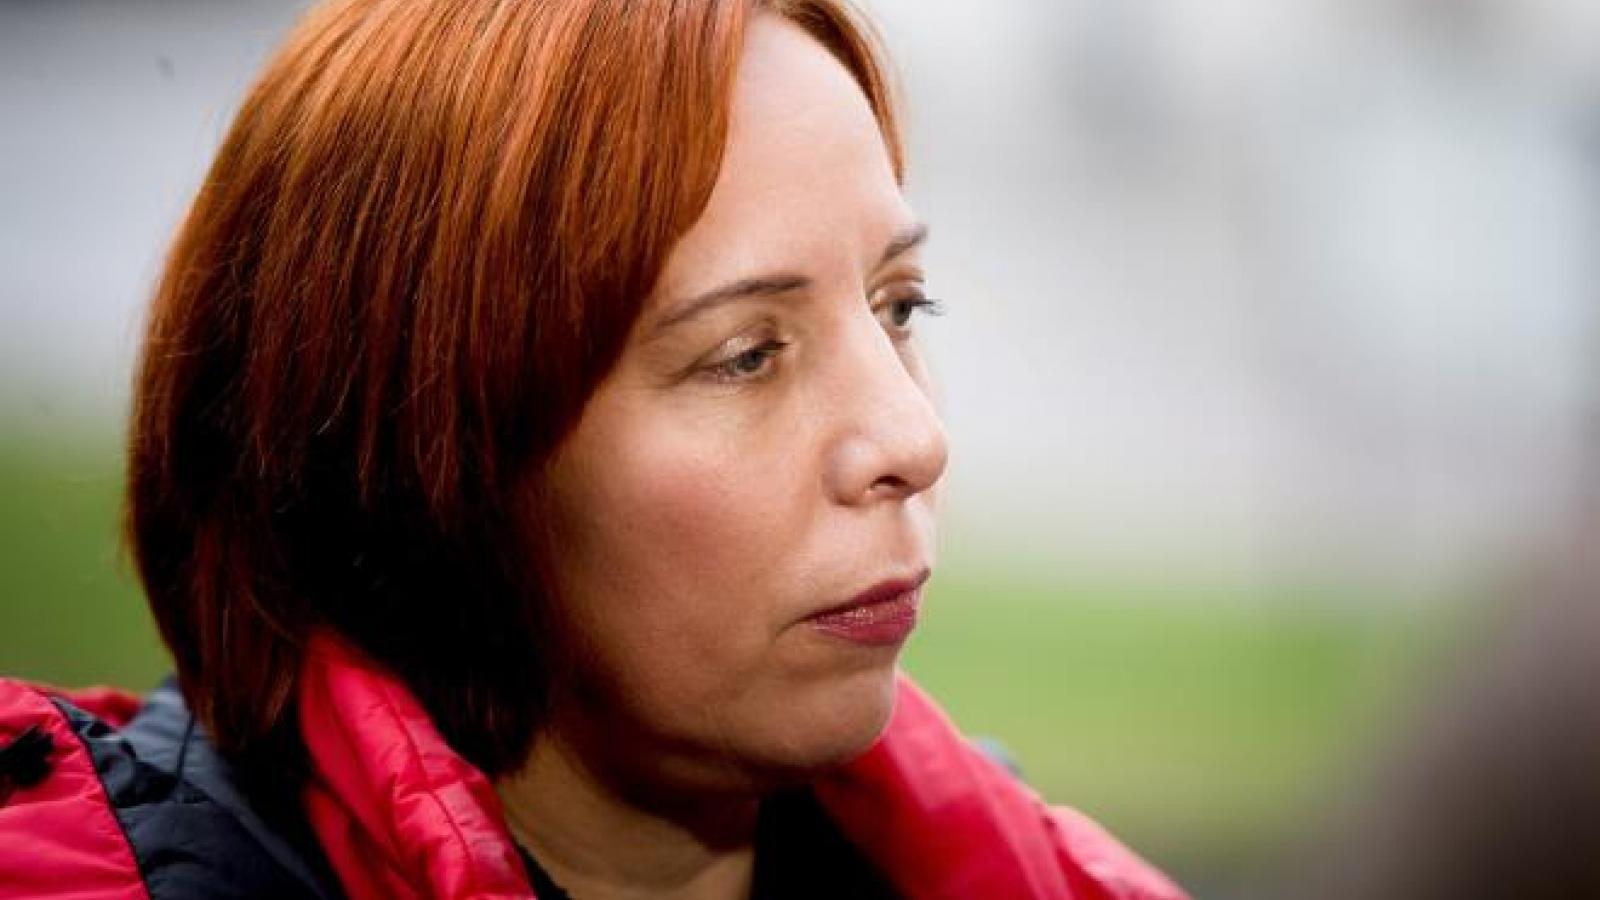 Dùng xe công đưa con đi học, Bộ trưởng Giáo dục Estonia từ chức